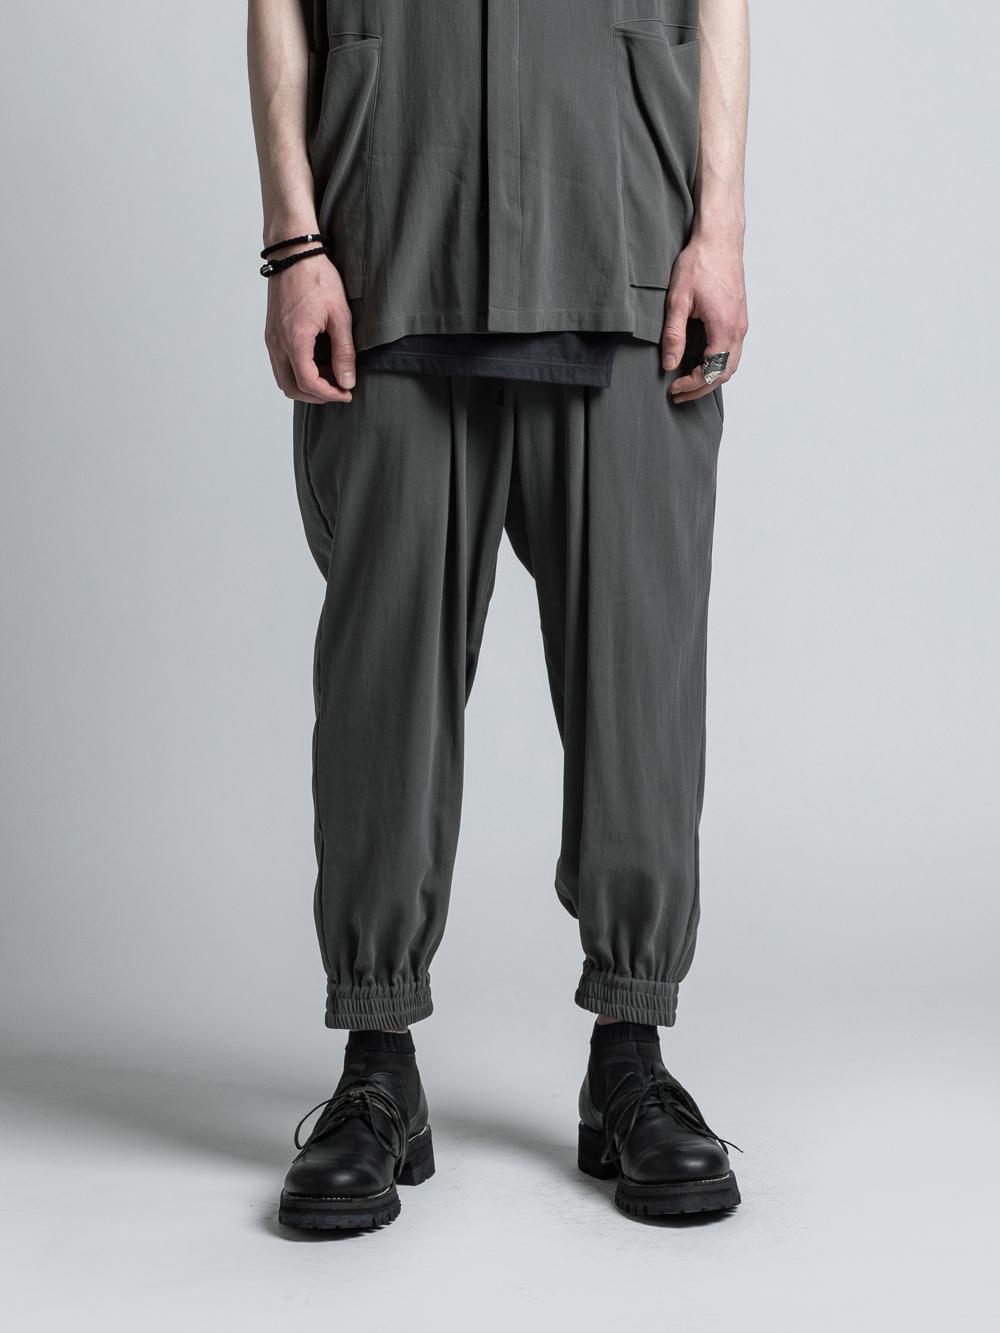 VI-3202-04 / 強撚二重織りコットンカフパンツ